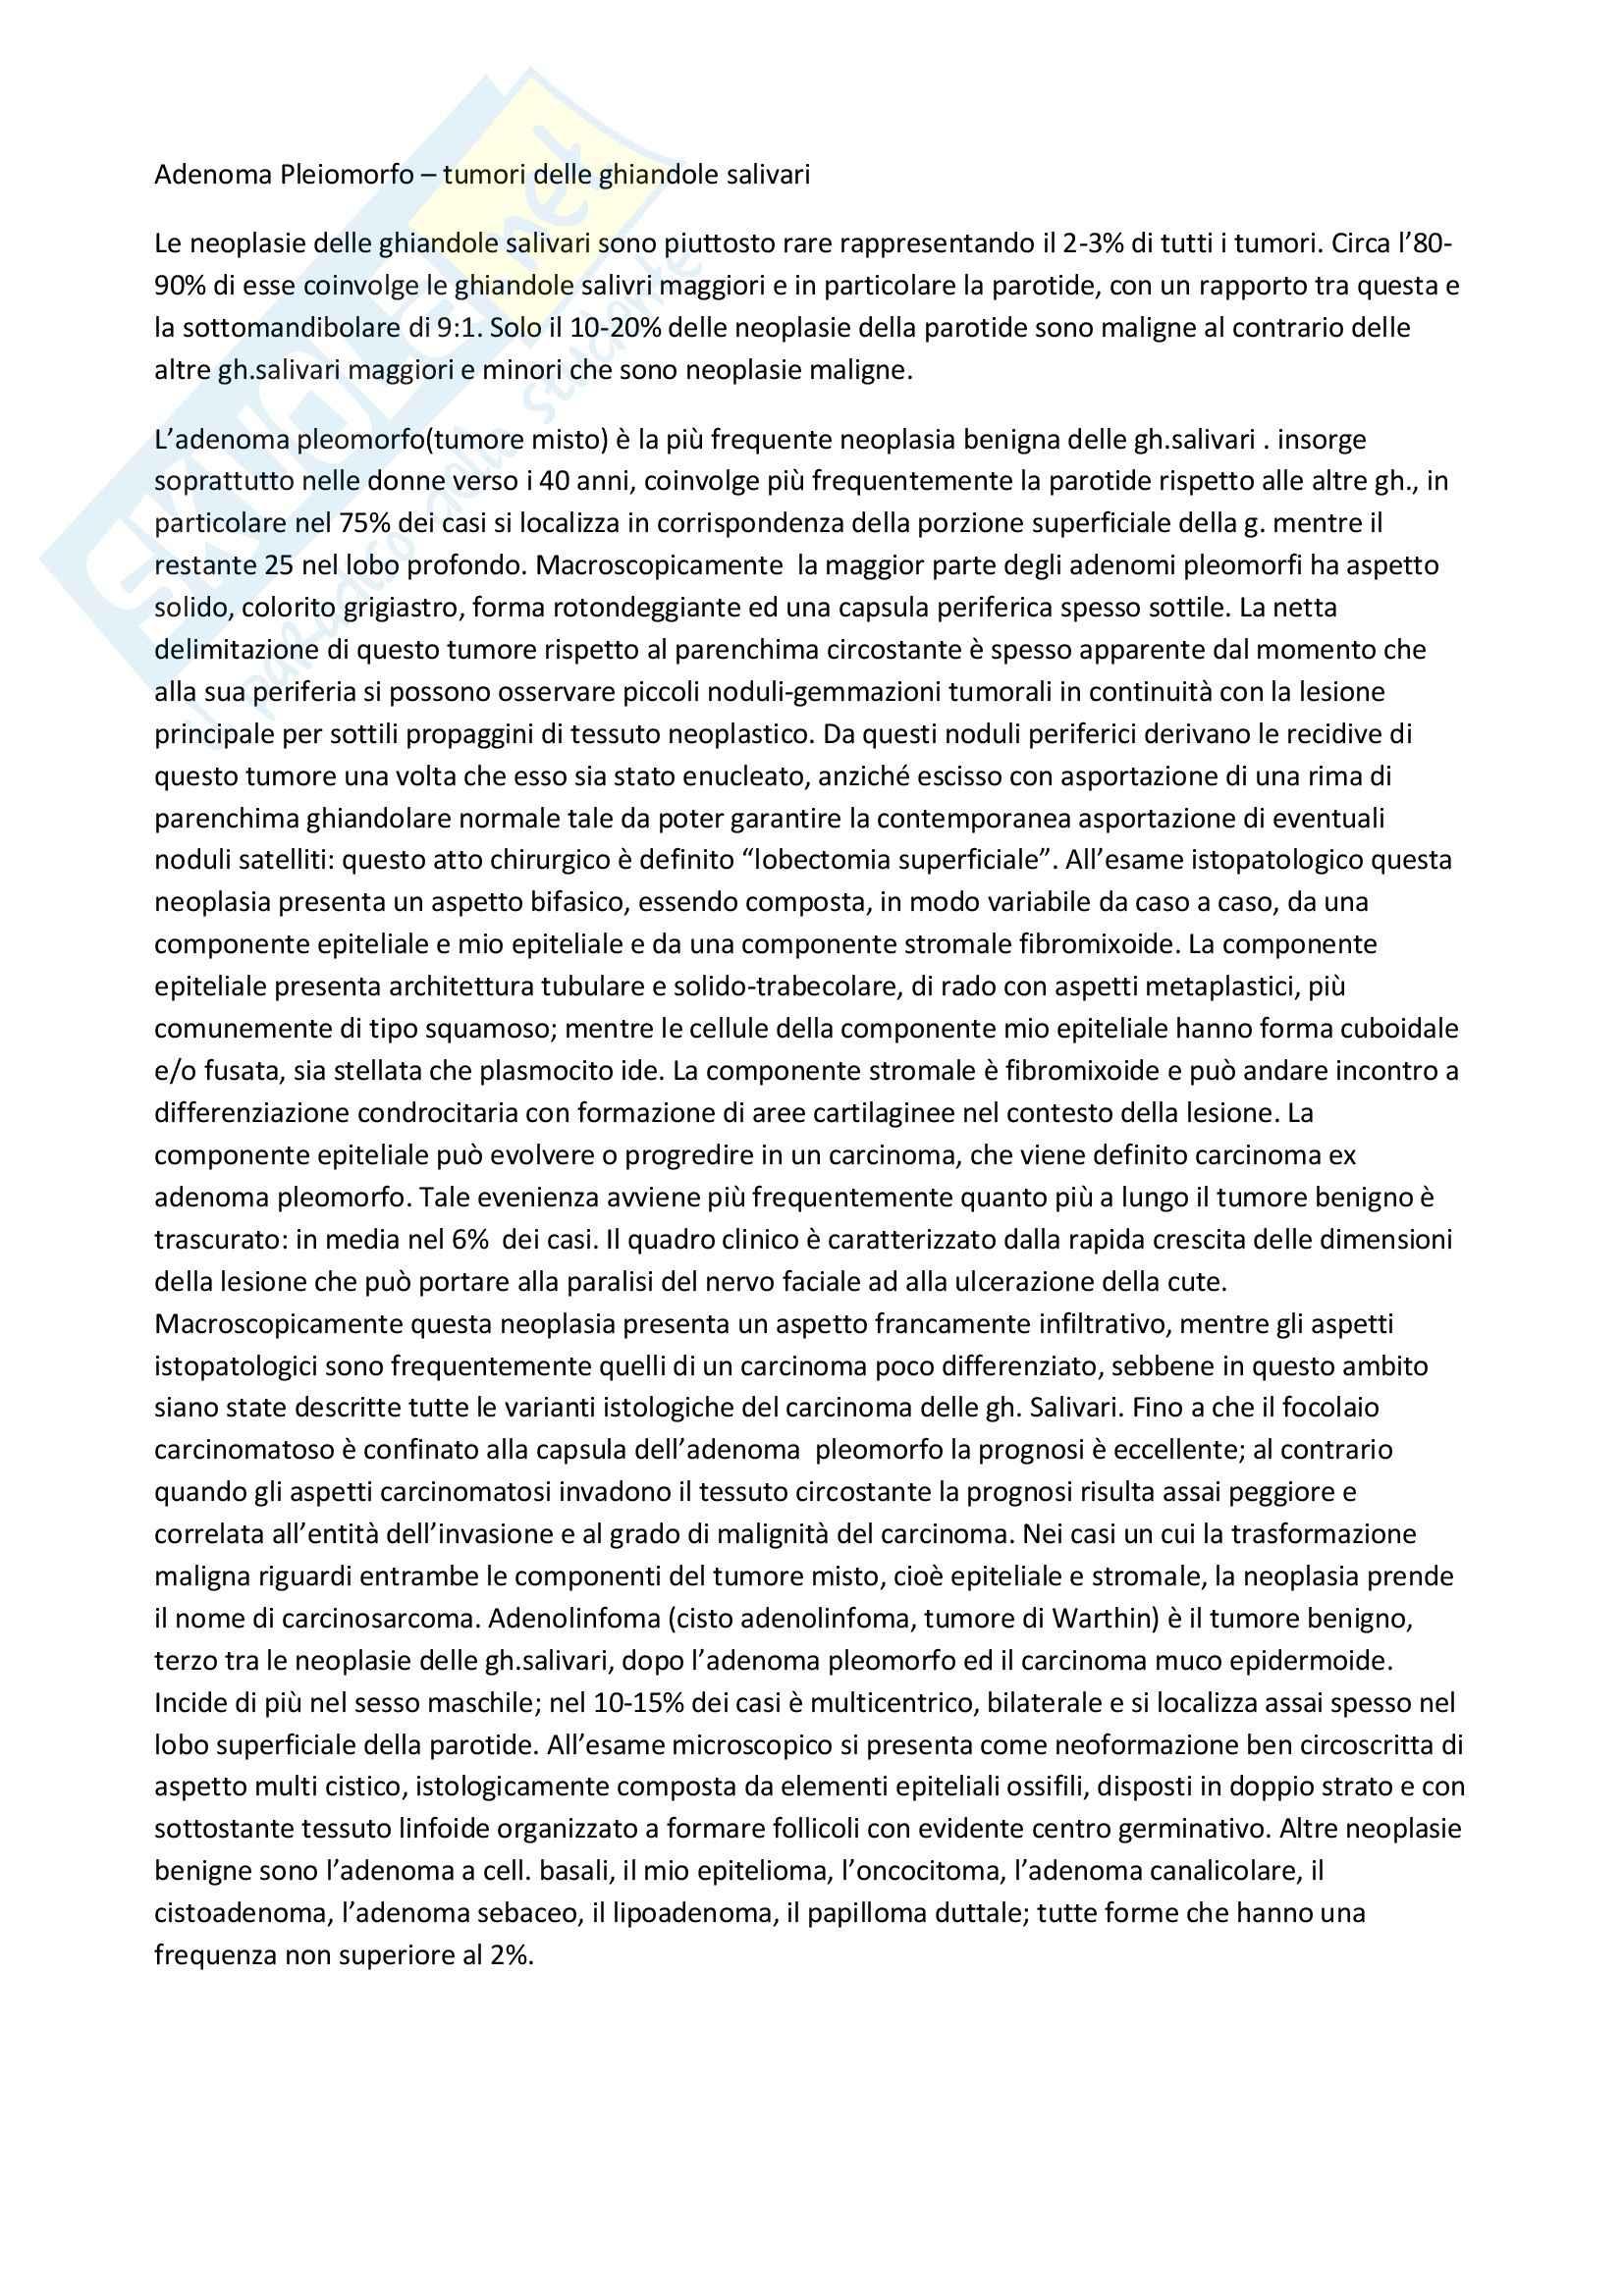 Anatomia patologica - l'adenoma pleiomorfo